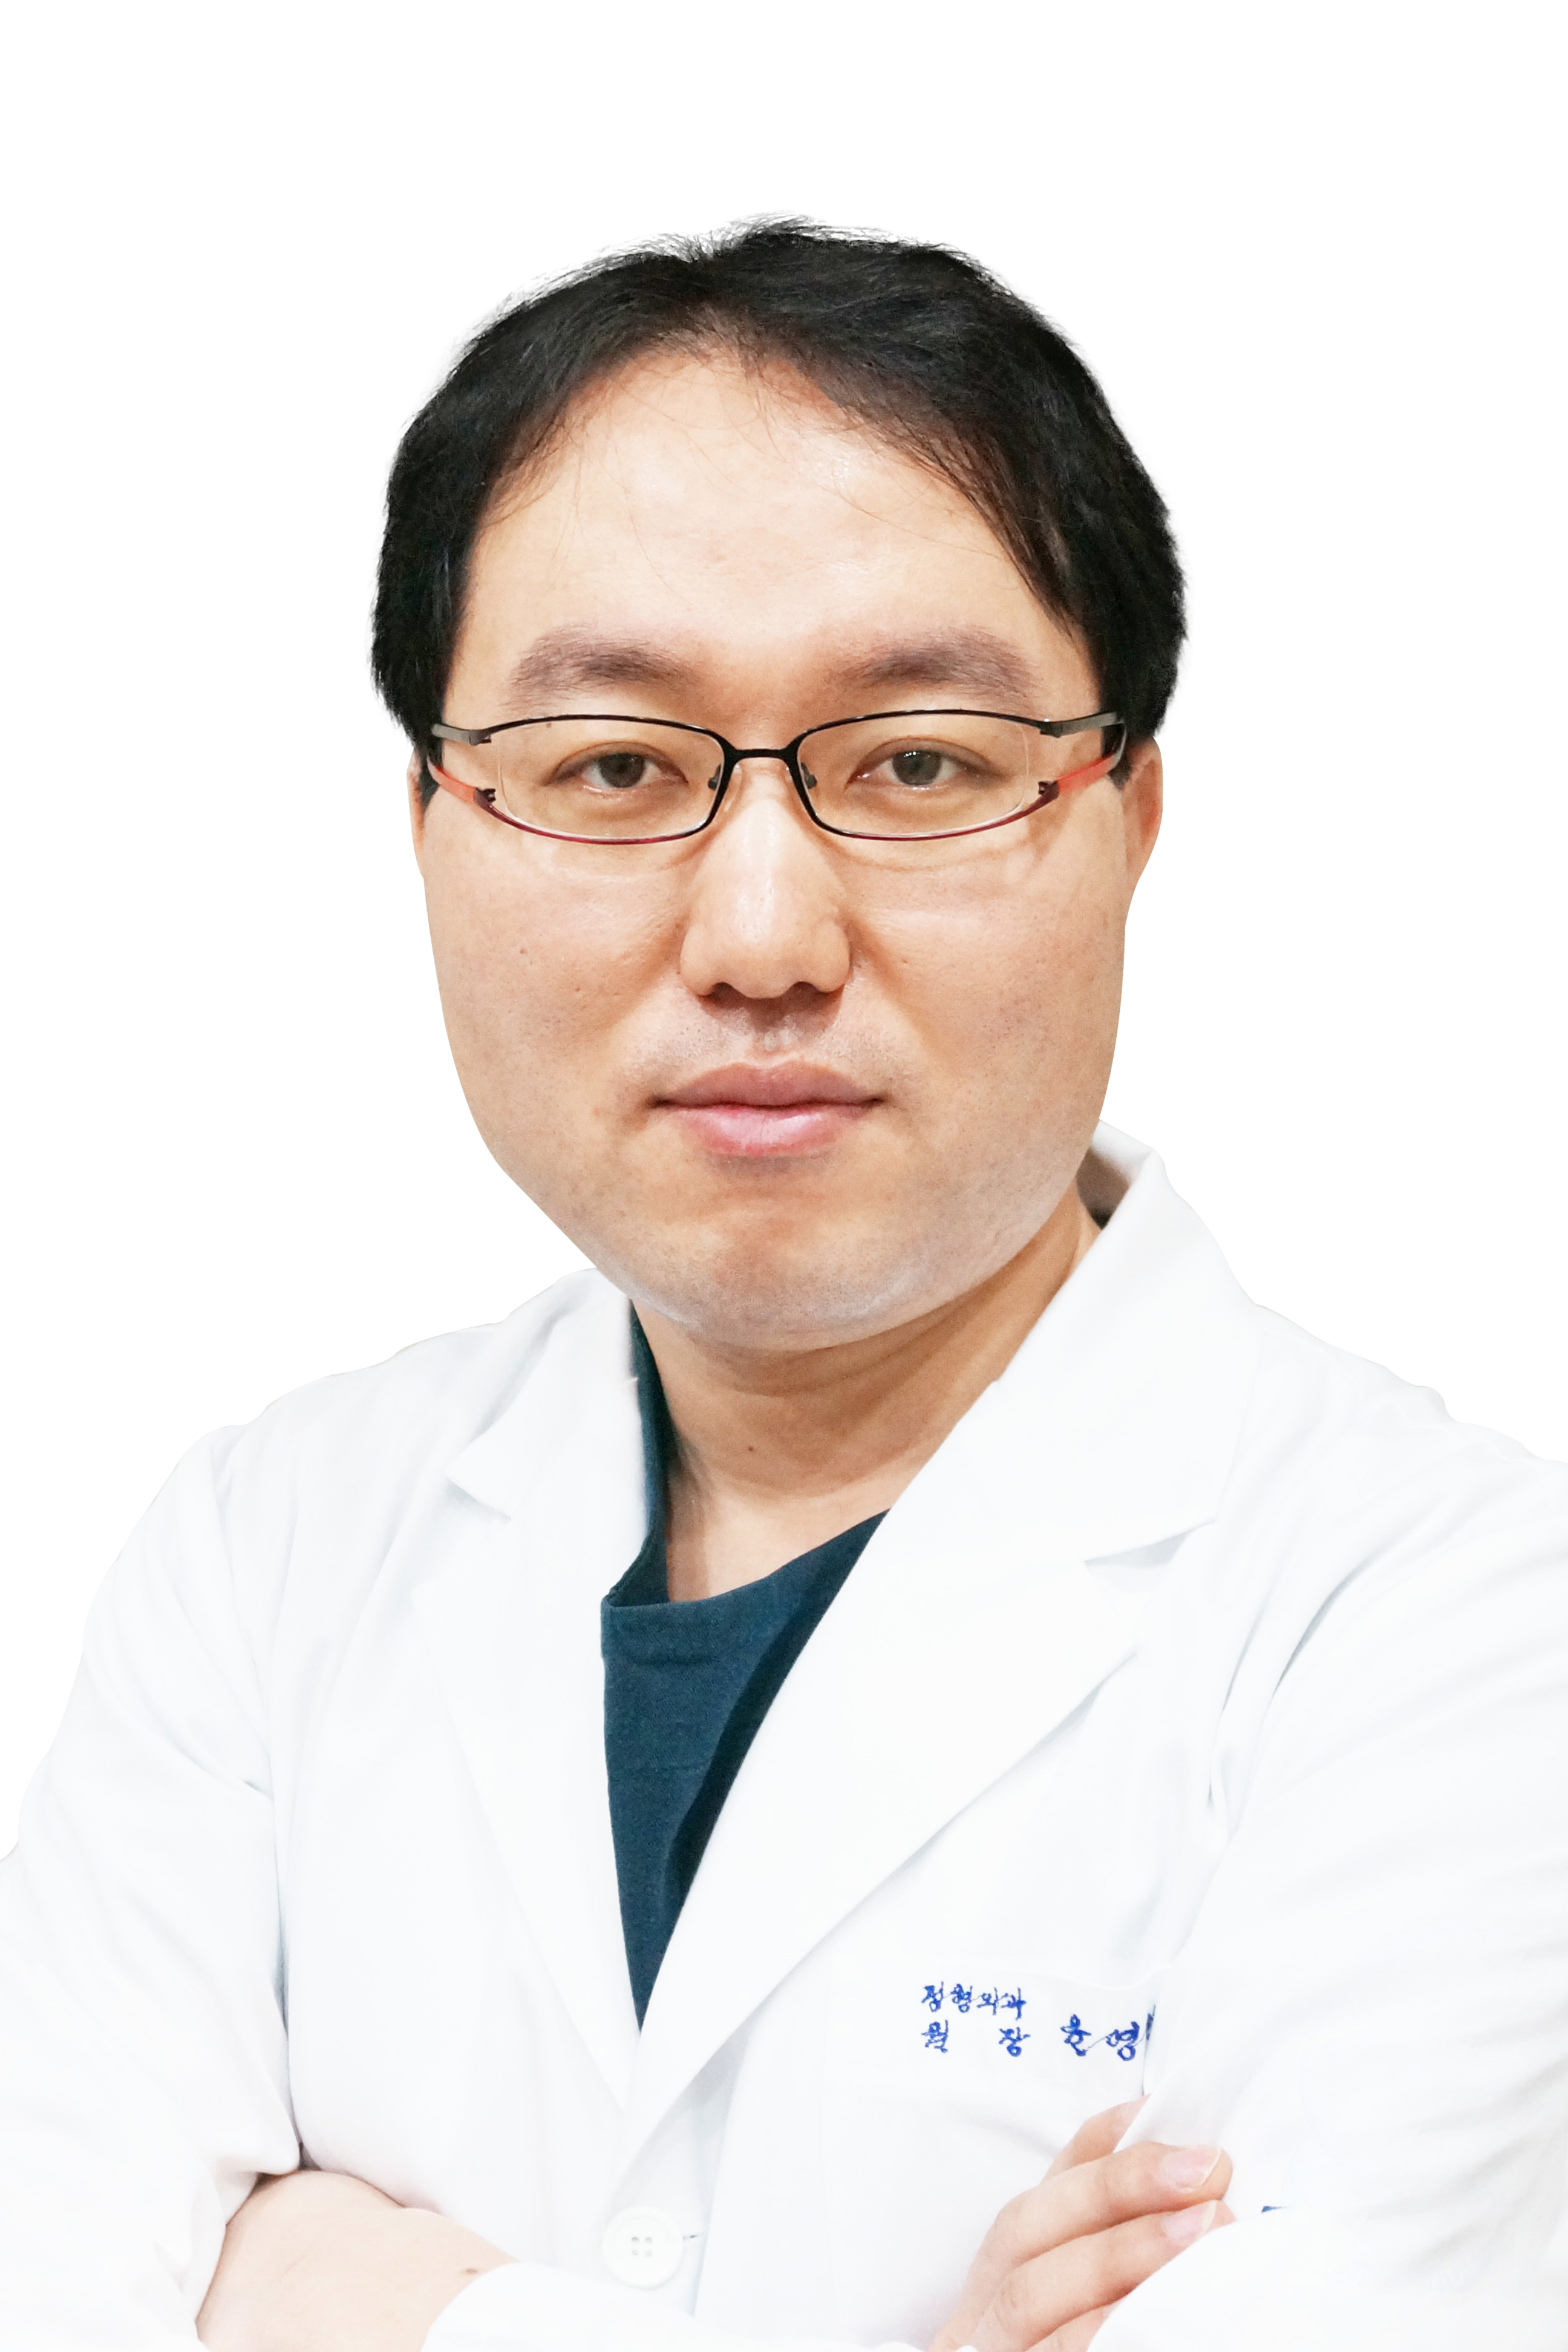 14회차_의정부참튼튼_윤영현_내외경제TV (180208).jpg